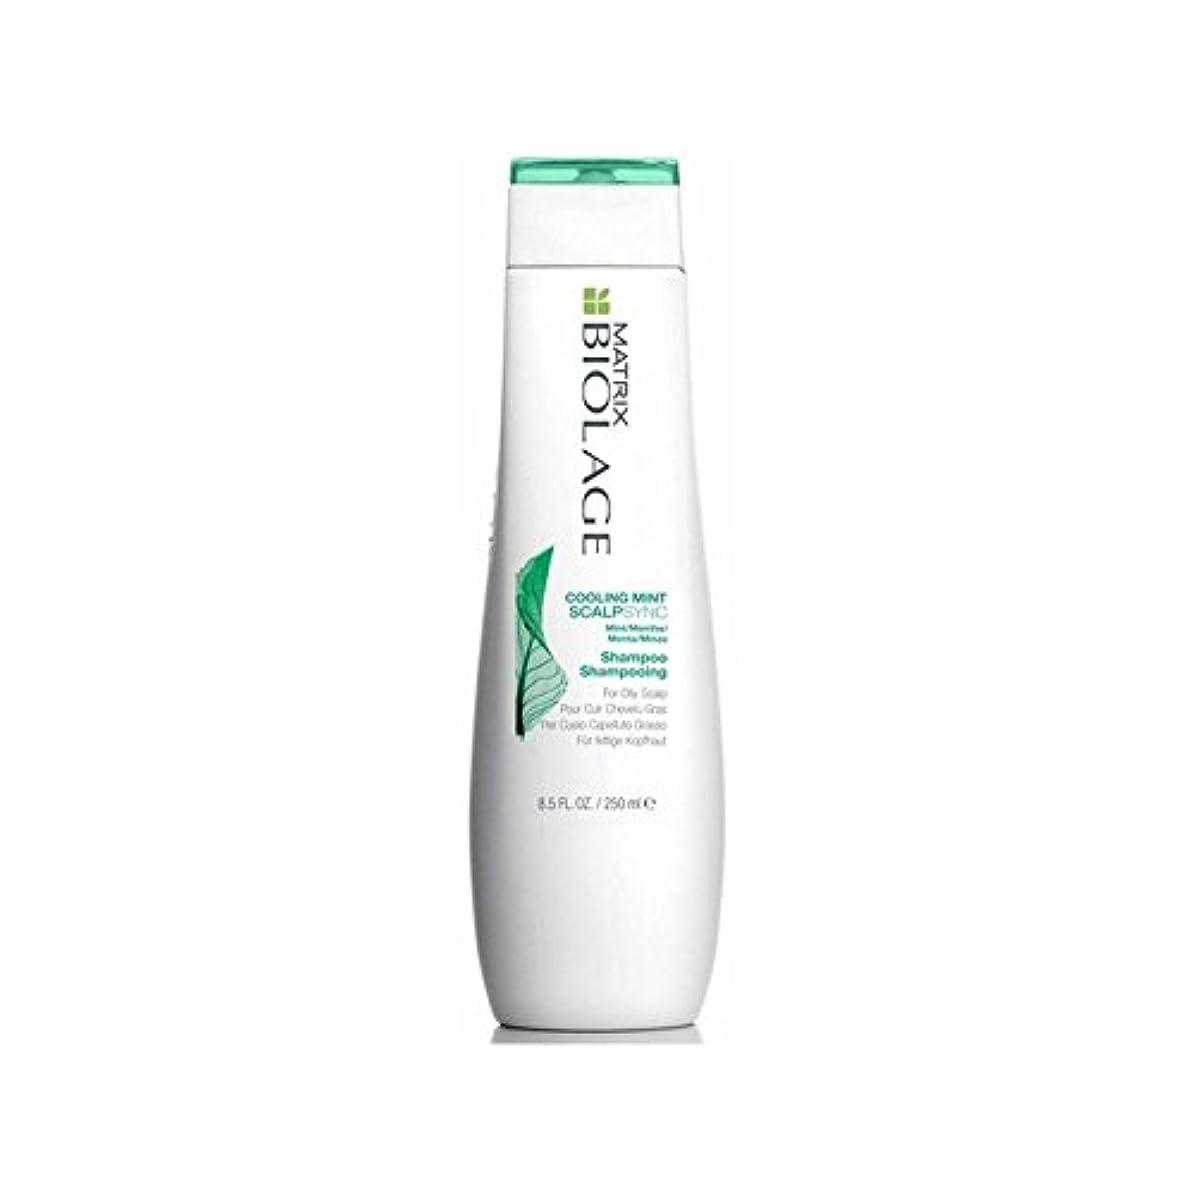 ぬるい覚醒ブラウンMatrix Biolage Scalptherapie Scalp Cooling Mint Shampoo (250ml) - ミントシャンプー(250ミリリットル)を冷却マトリックスバイオレイジの頭皮 [並行輸入品]